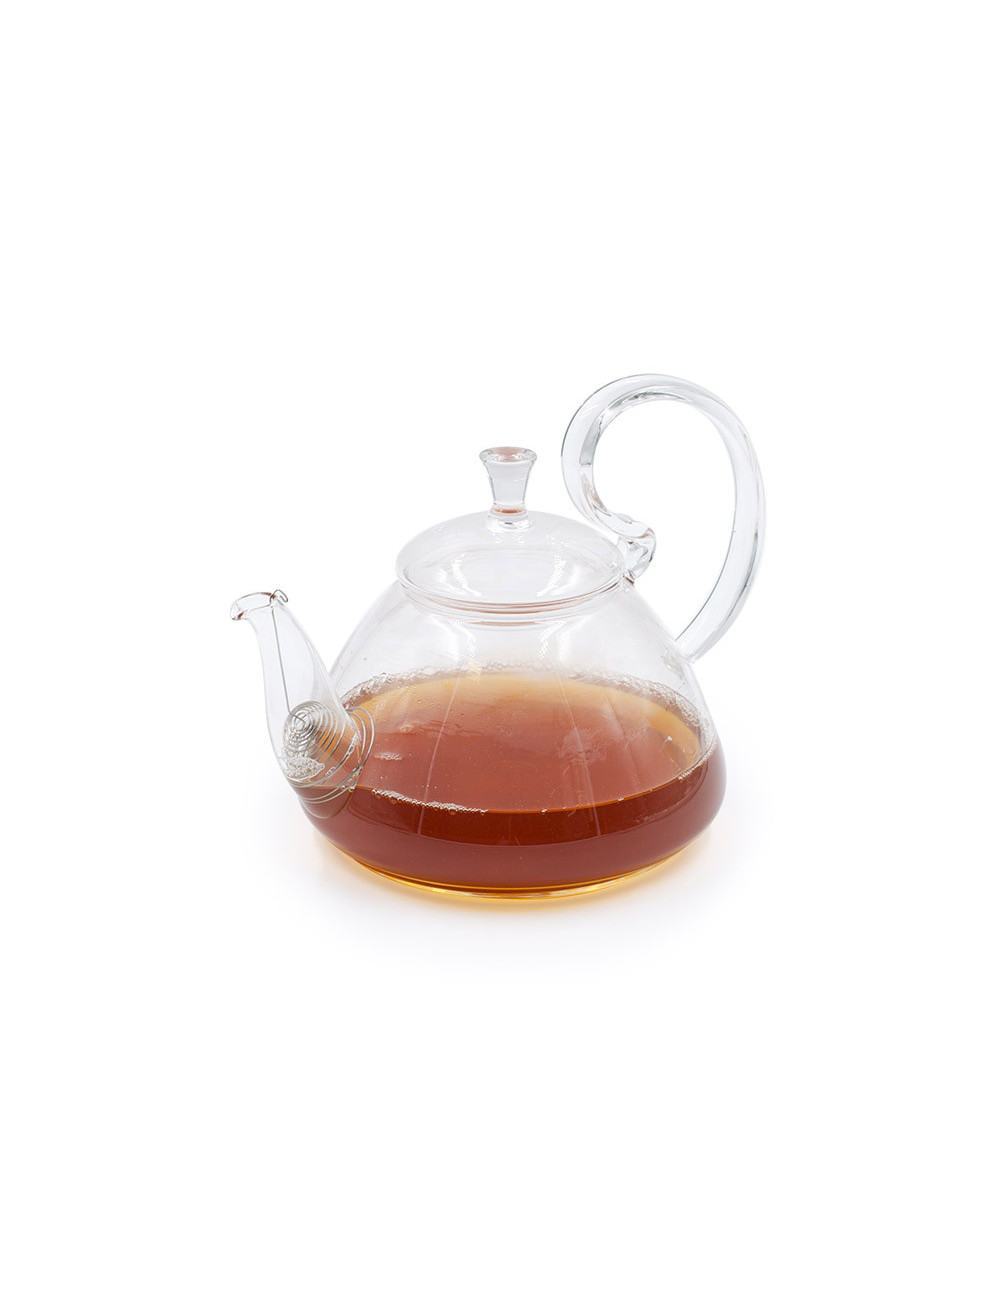 Teiera in vetro Sakae da 400 ml - La Pianta del Tè shop online